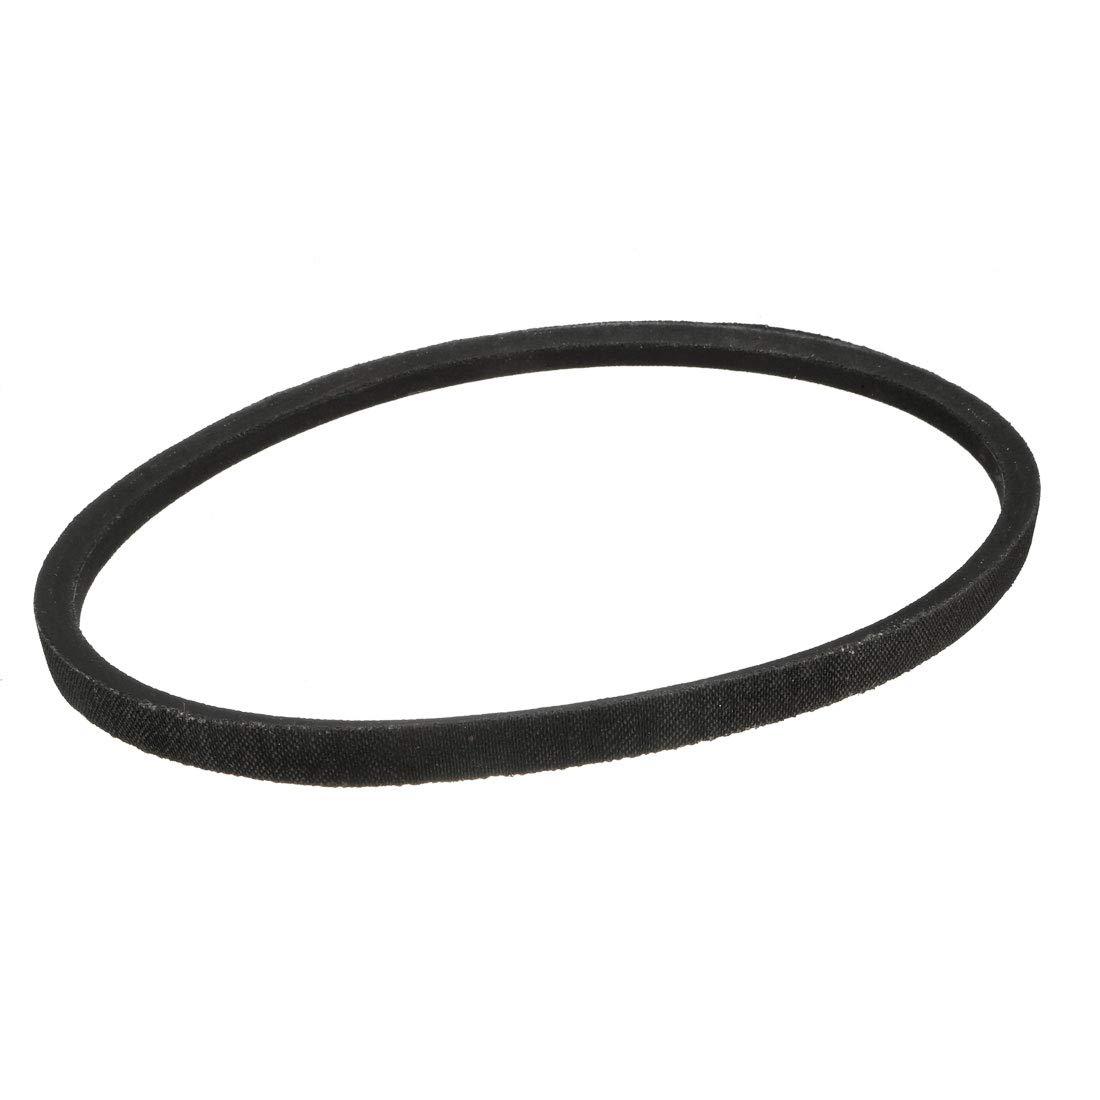 sourcing map O-1050 V Belt Machine Transmission Rubber,Black Replacement Drive Belt